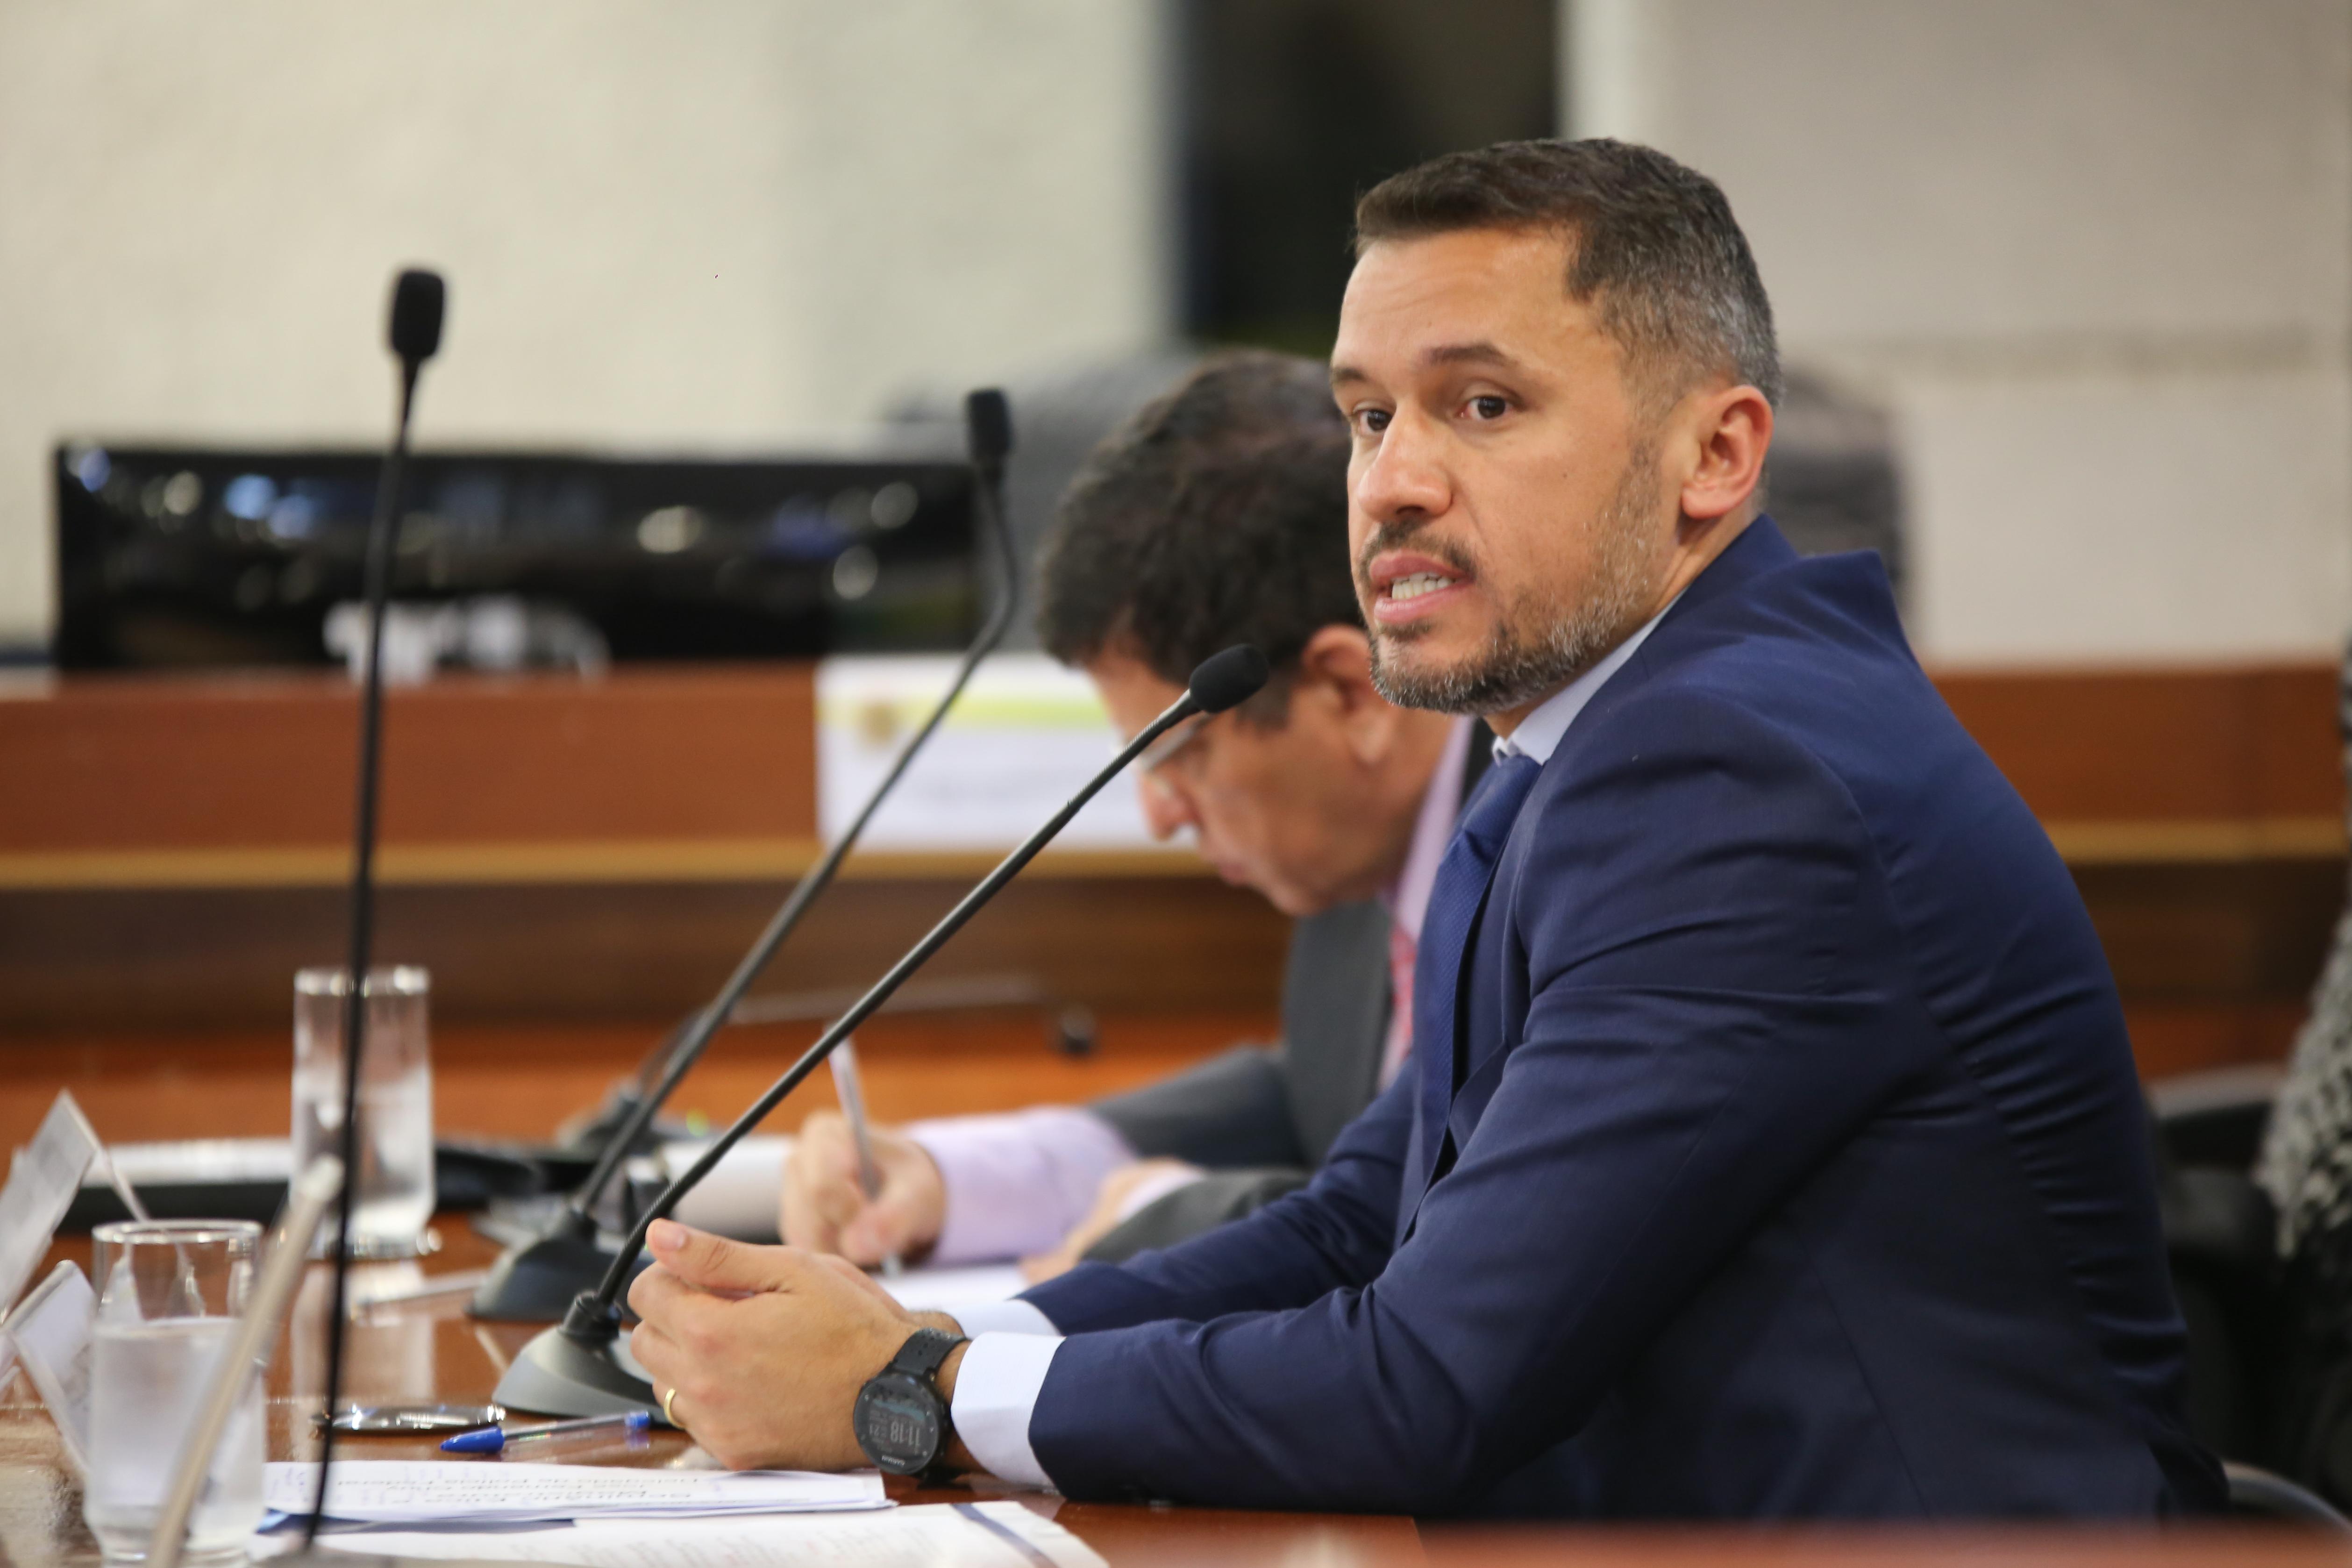 O delegado da Policia Federal José Fernando Moraes Chuy alertou sobre os riscos das redes sociais para a vida e segurança dos magistrados e seus familiares.